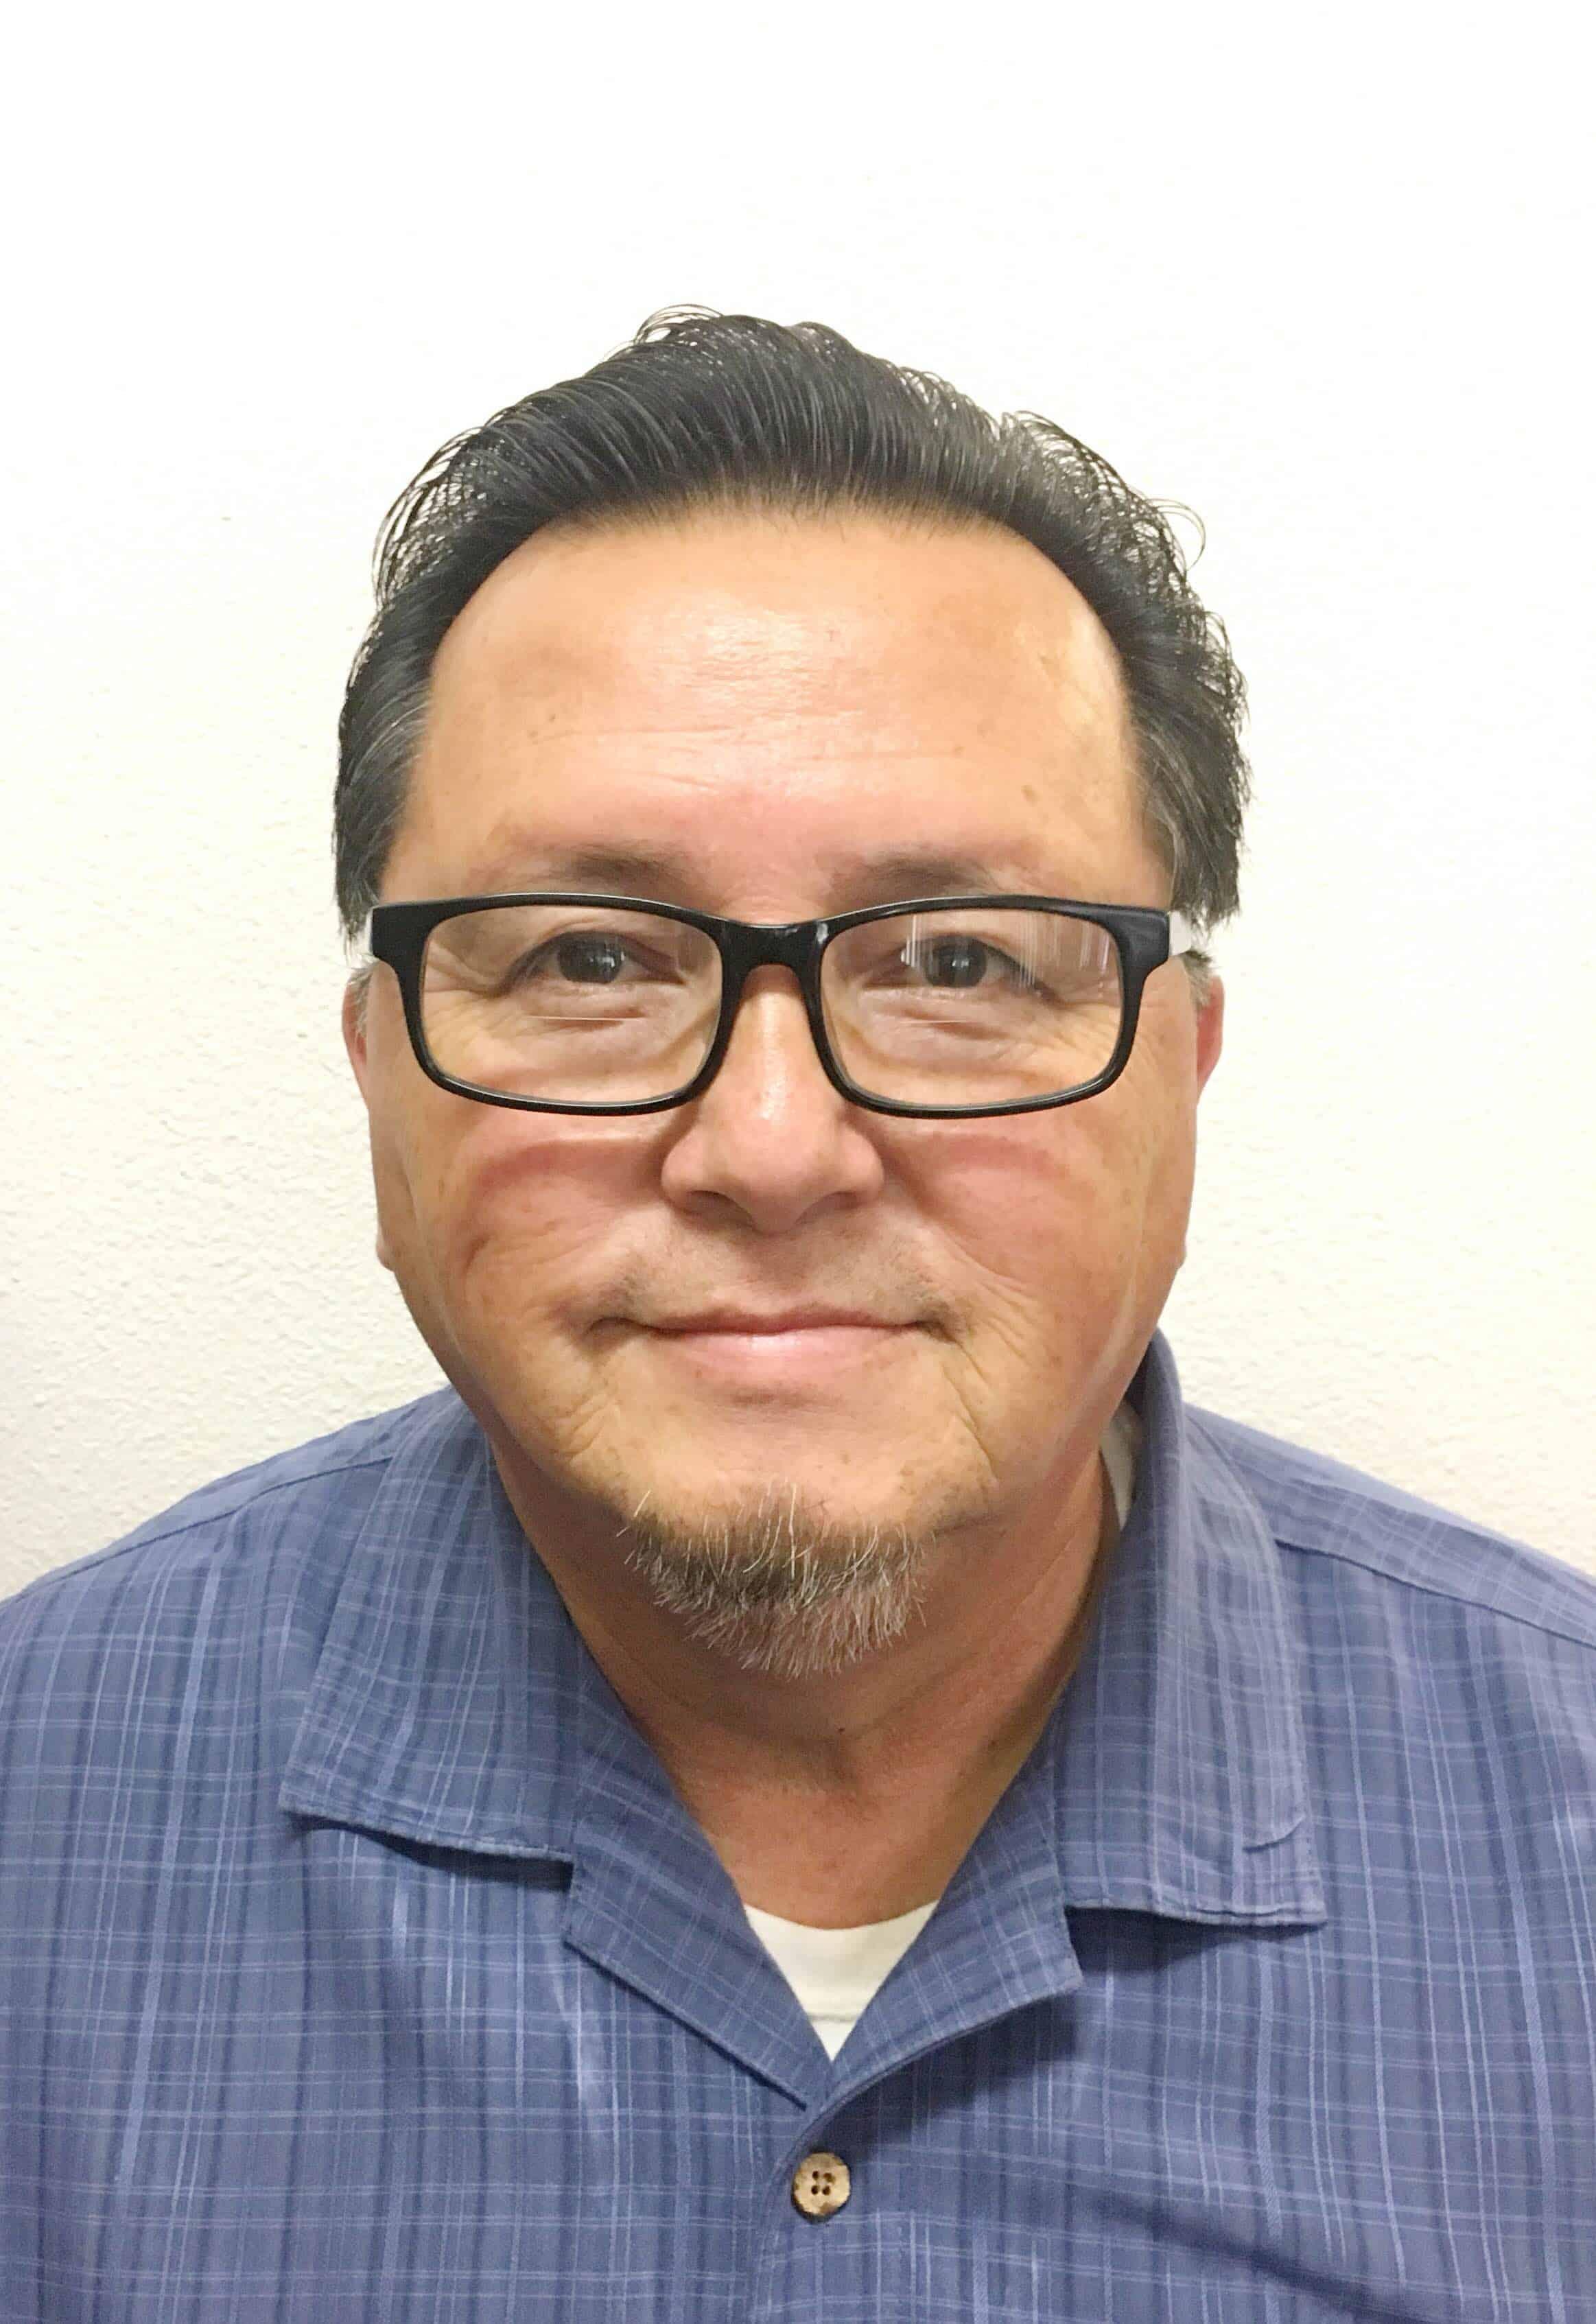 Robert Aguilar